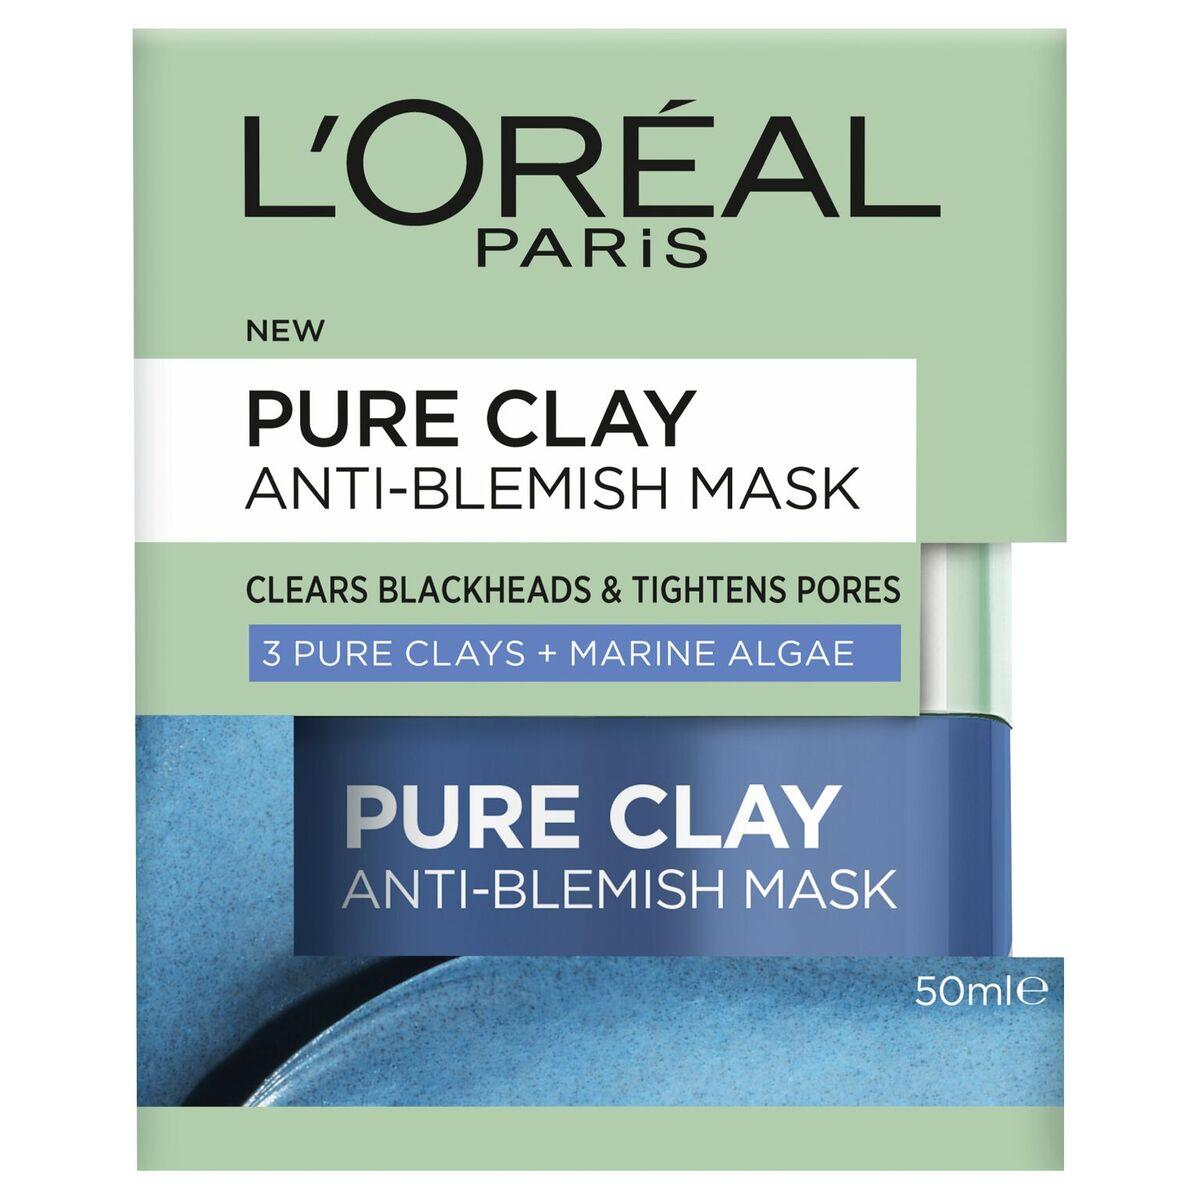 L'Oréal Paris Pure Clay Anti-Blemish Mask - RRP $19.99 (1)_preview